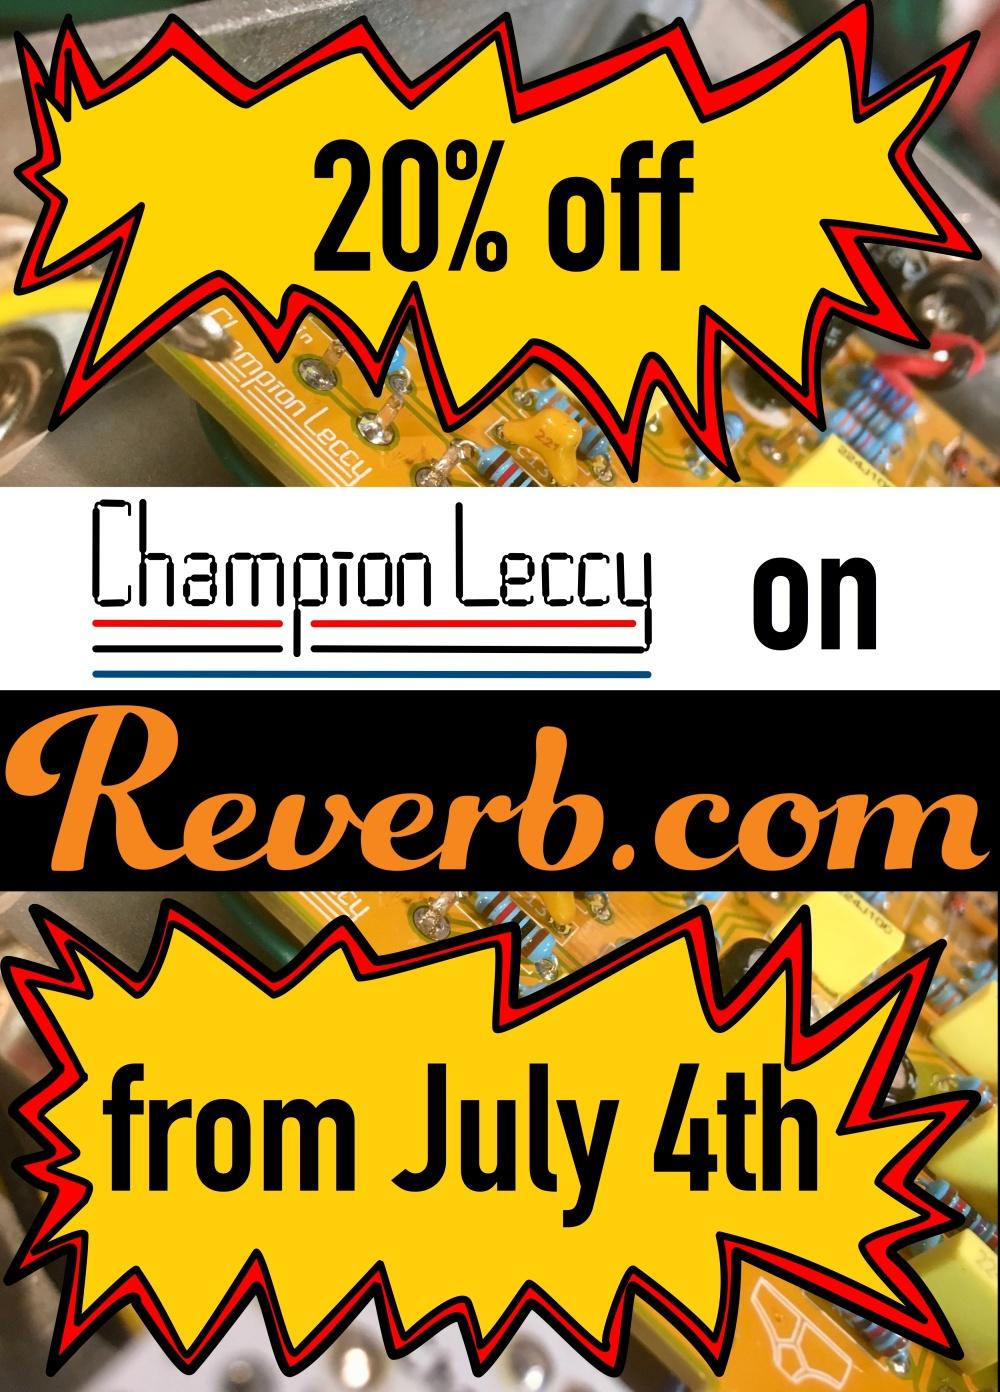 website sale